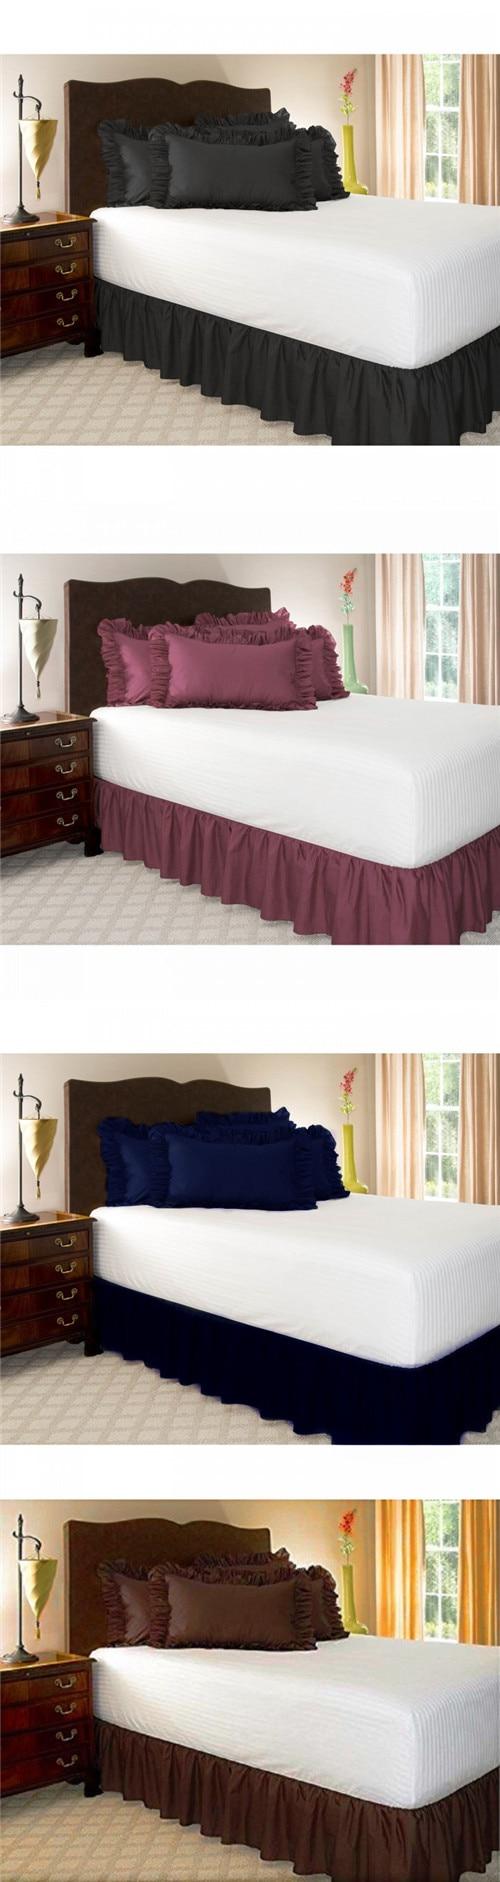 2019 nuevo Hotel falda elástica de cama colcha de Color sólido sin superficie de la cama para King/queen Size sábana hogar habitación decoración textil